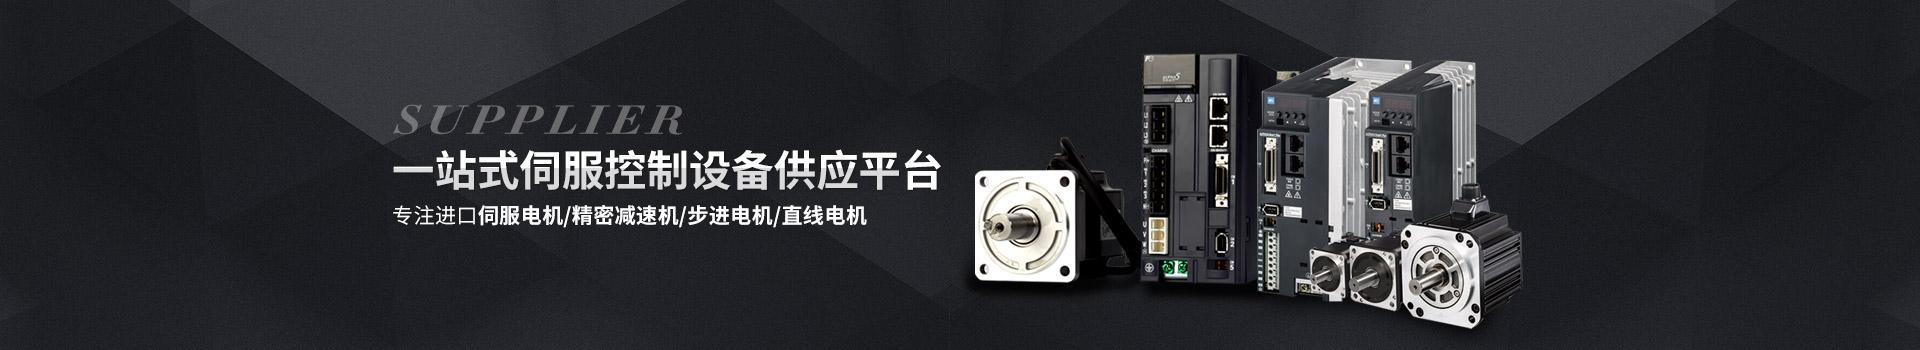 华科星电气-一站式伺服控制设备供应平台